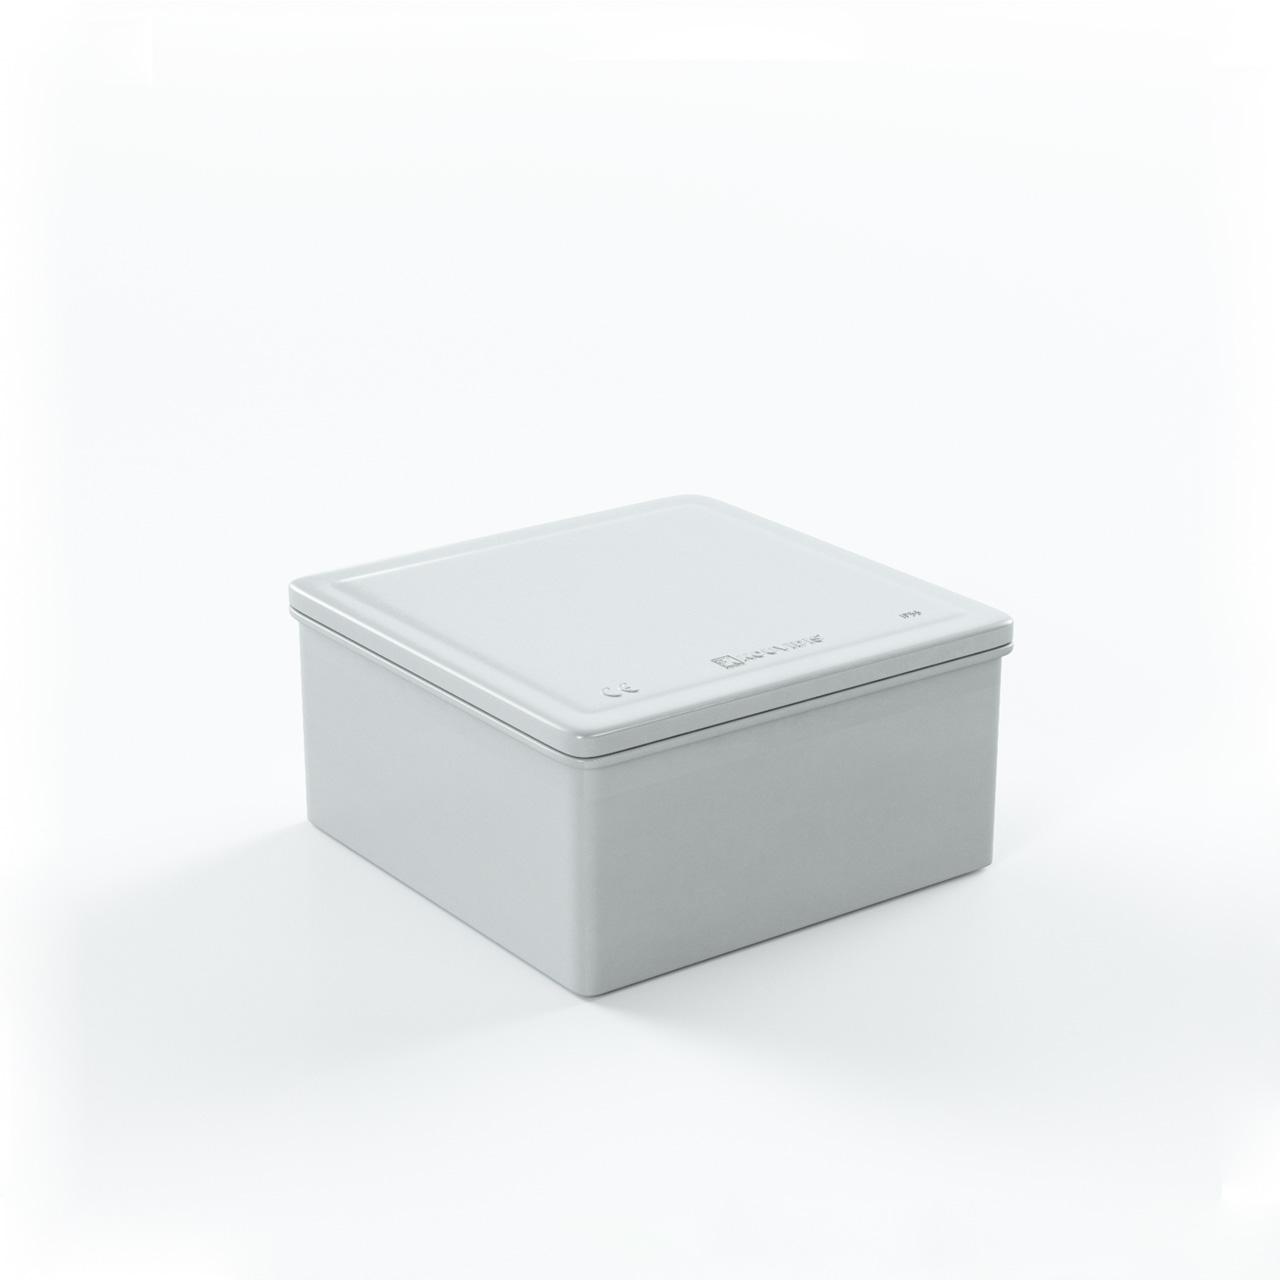 Τετράγωνο Κουτί Διακ/Σεως Condur Χωρίς Τάπες Φ20